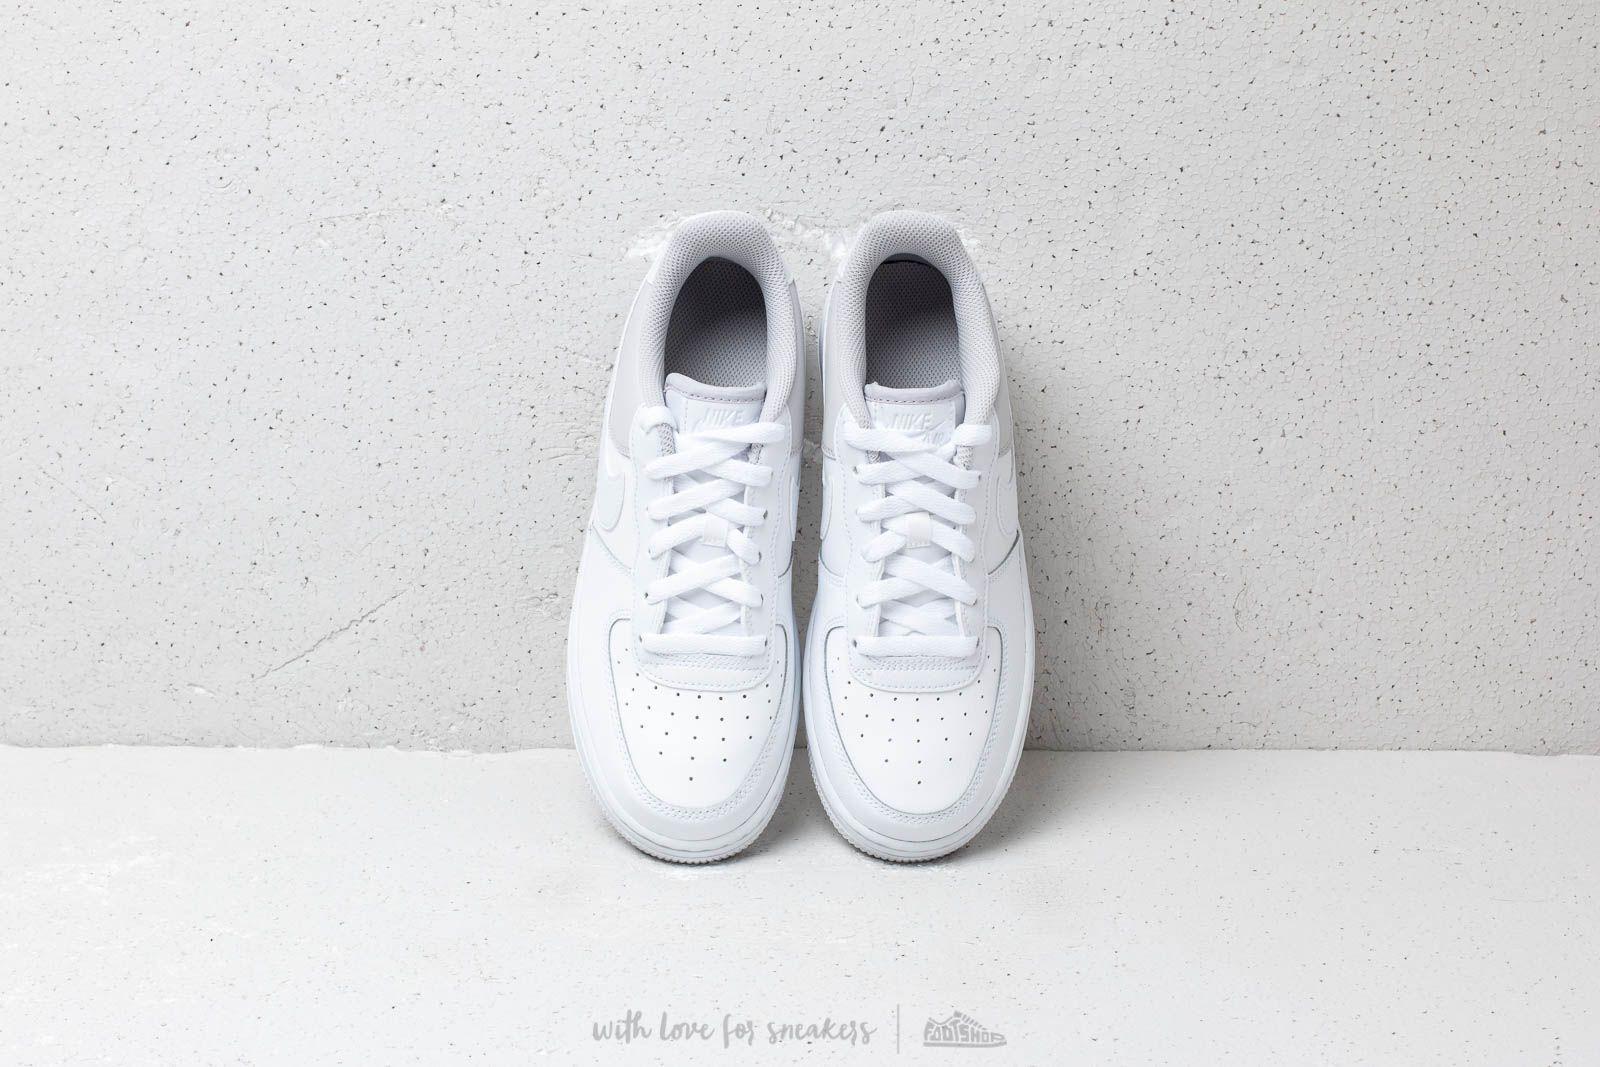 Force Air Nike 1gsWhite Vast GreyFootshop 9YeDHWE2I